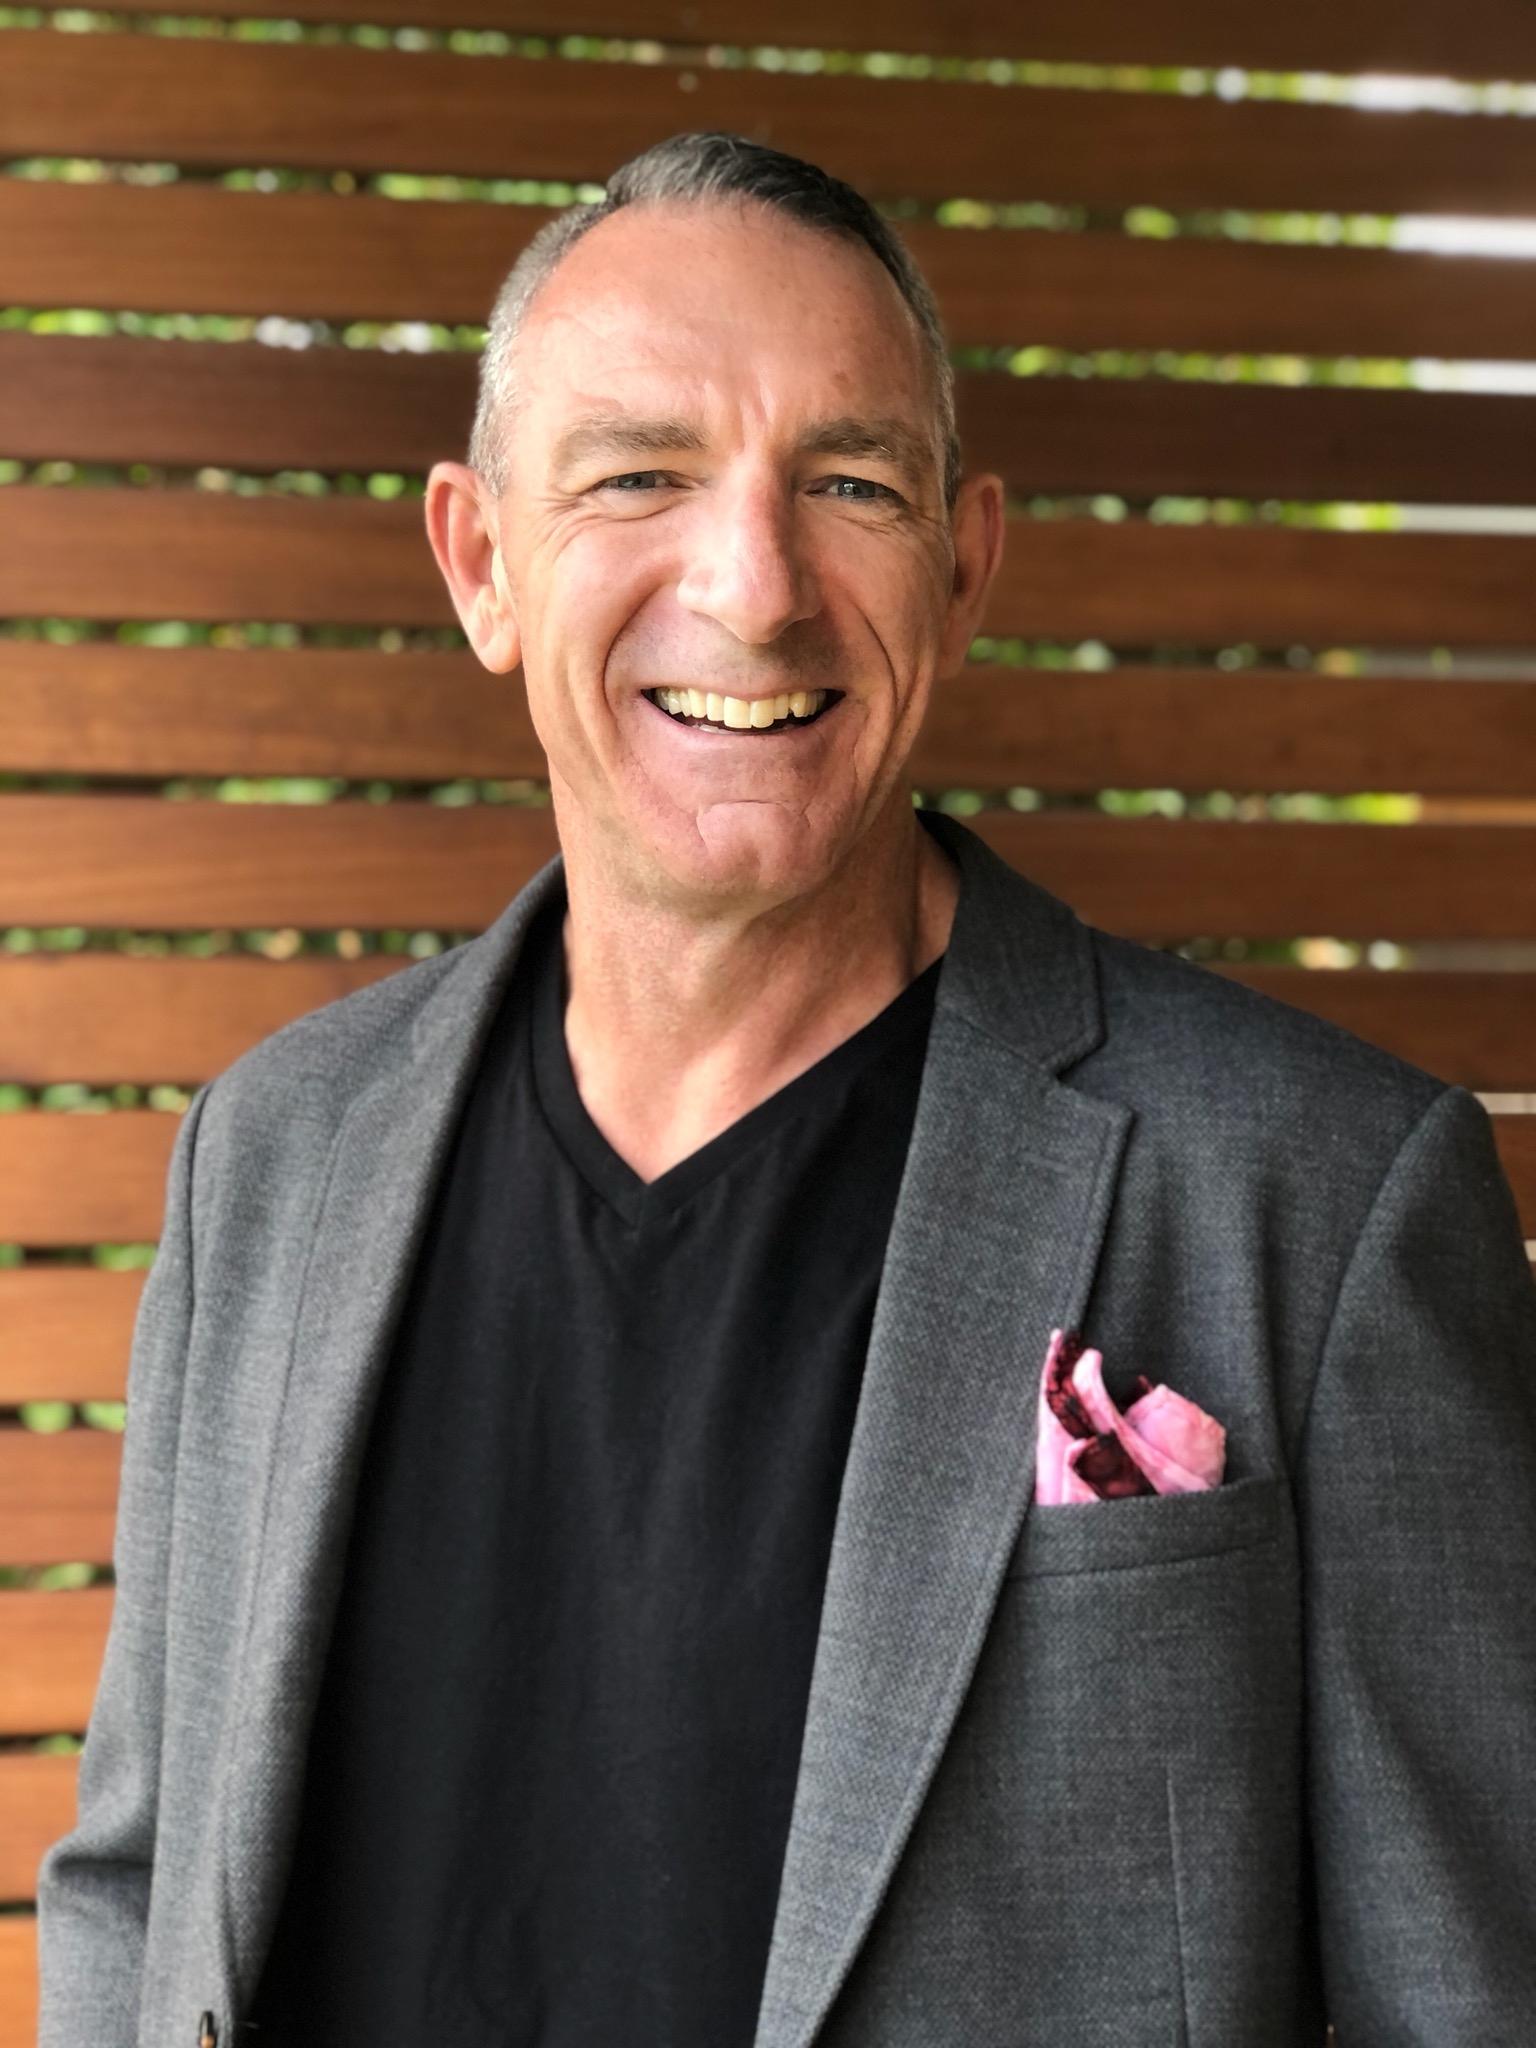 Mark Sandercock